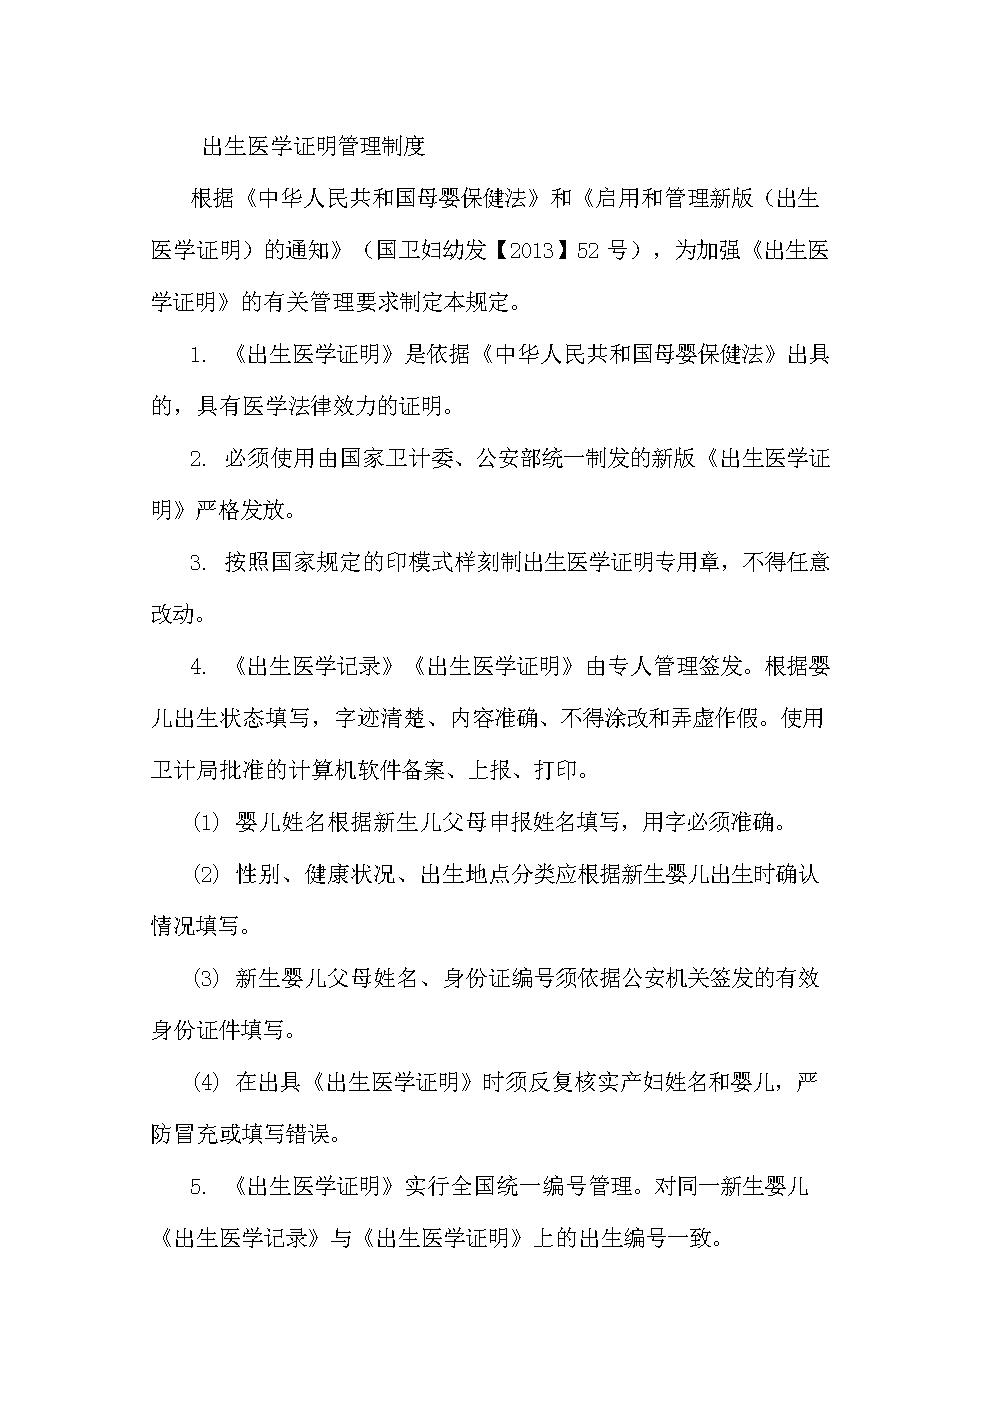 出生医学证明管理制度供参考.docx